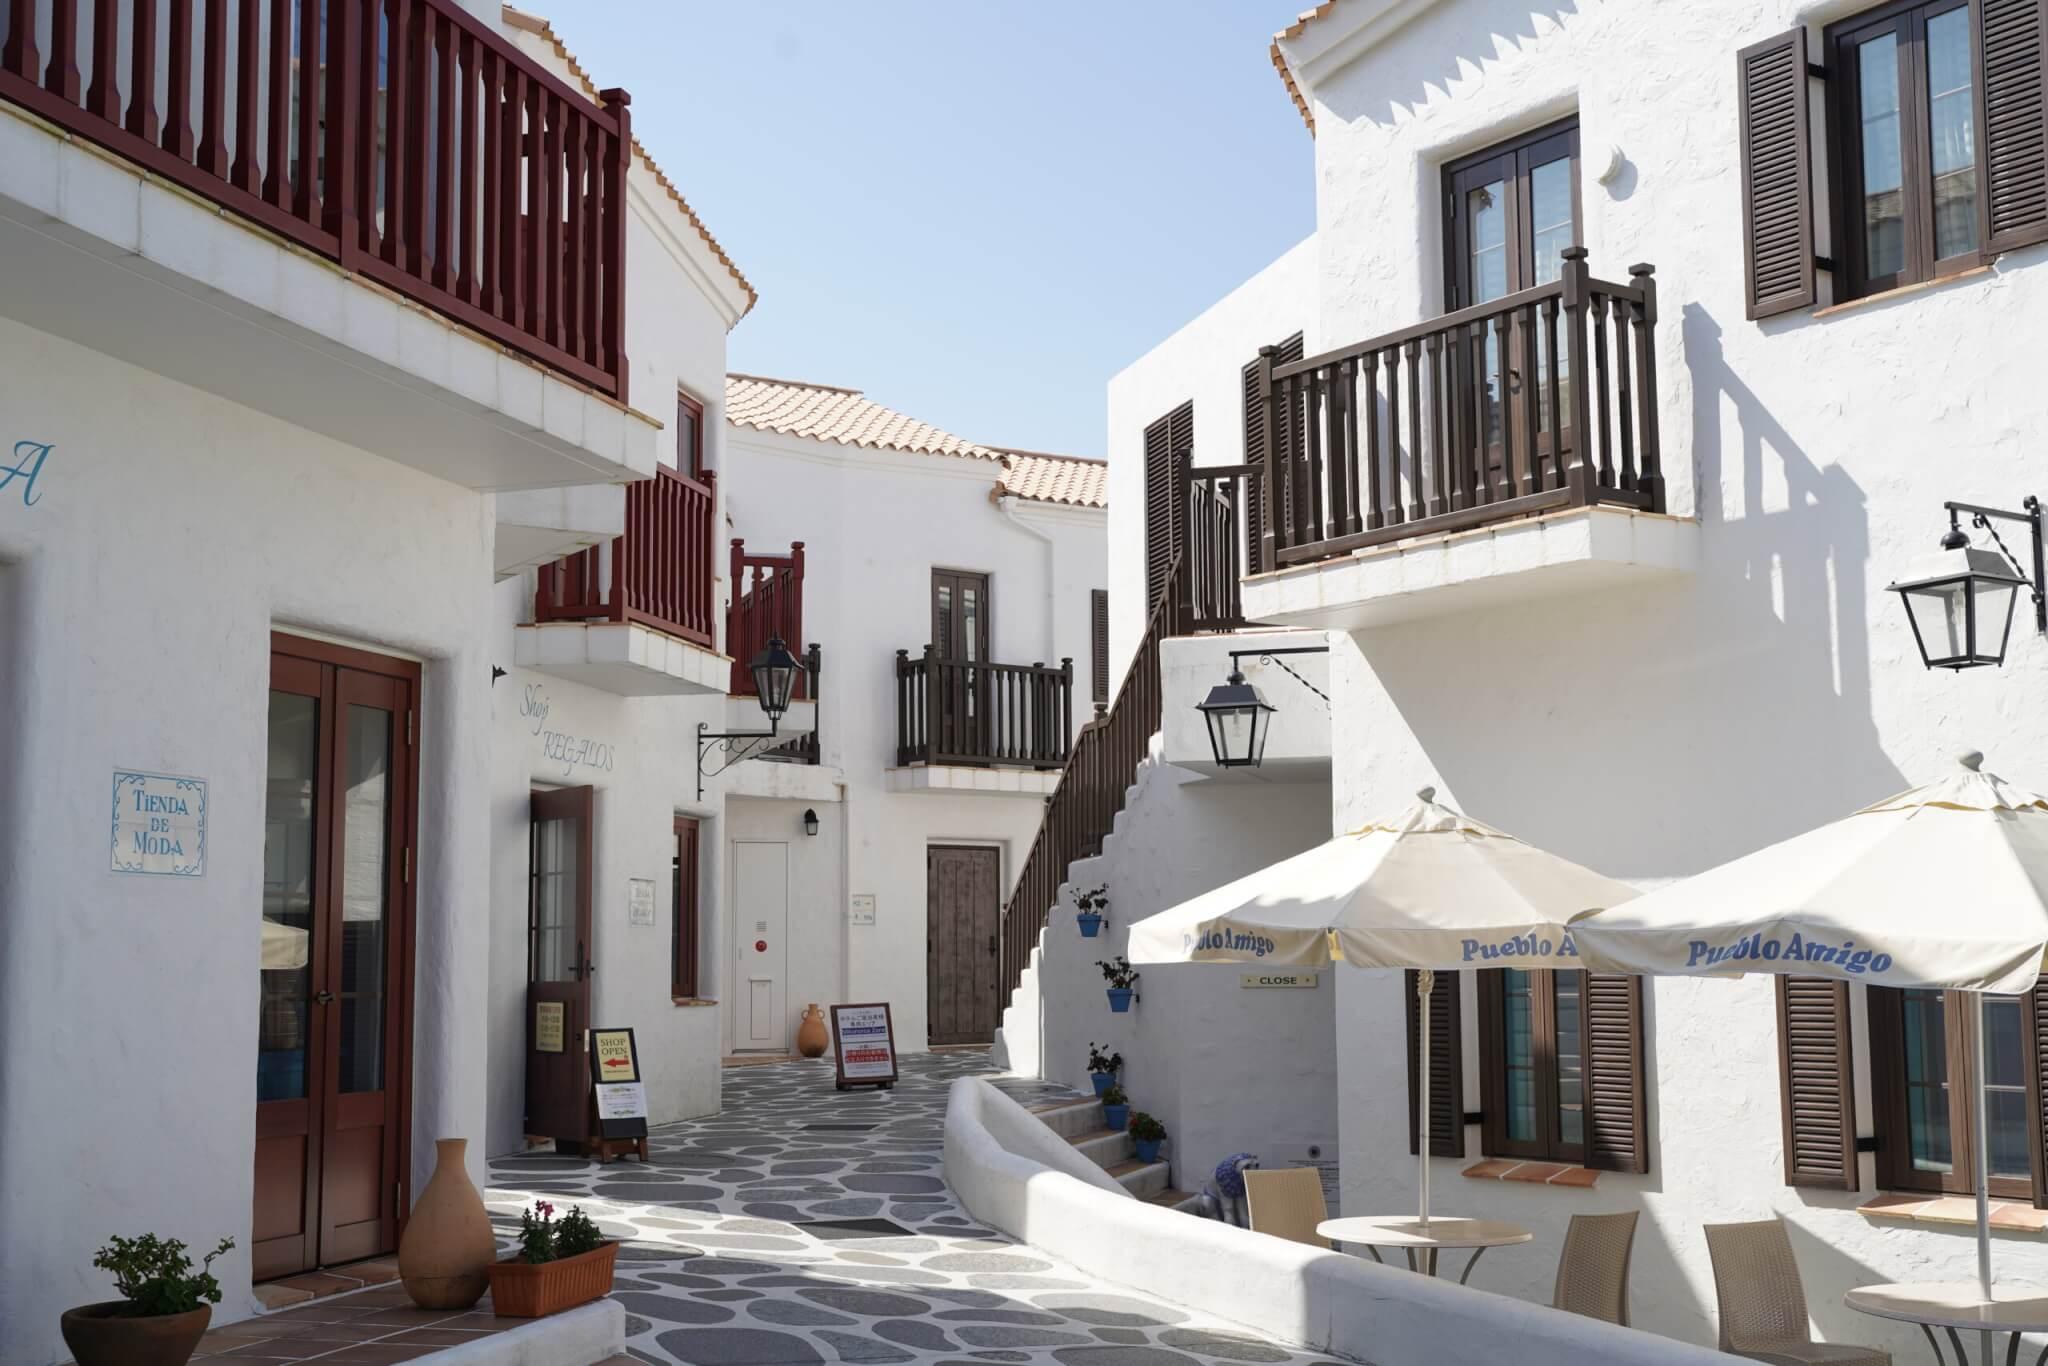 DSC00814 scaled - 【三重旅行記2】たまにウェブサイトで目にする地中海村とはどんなところなのだろう